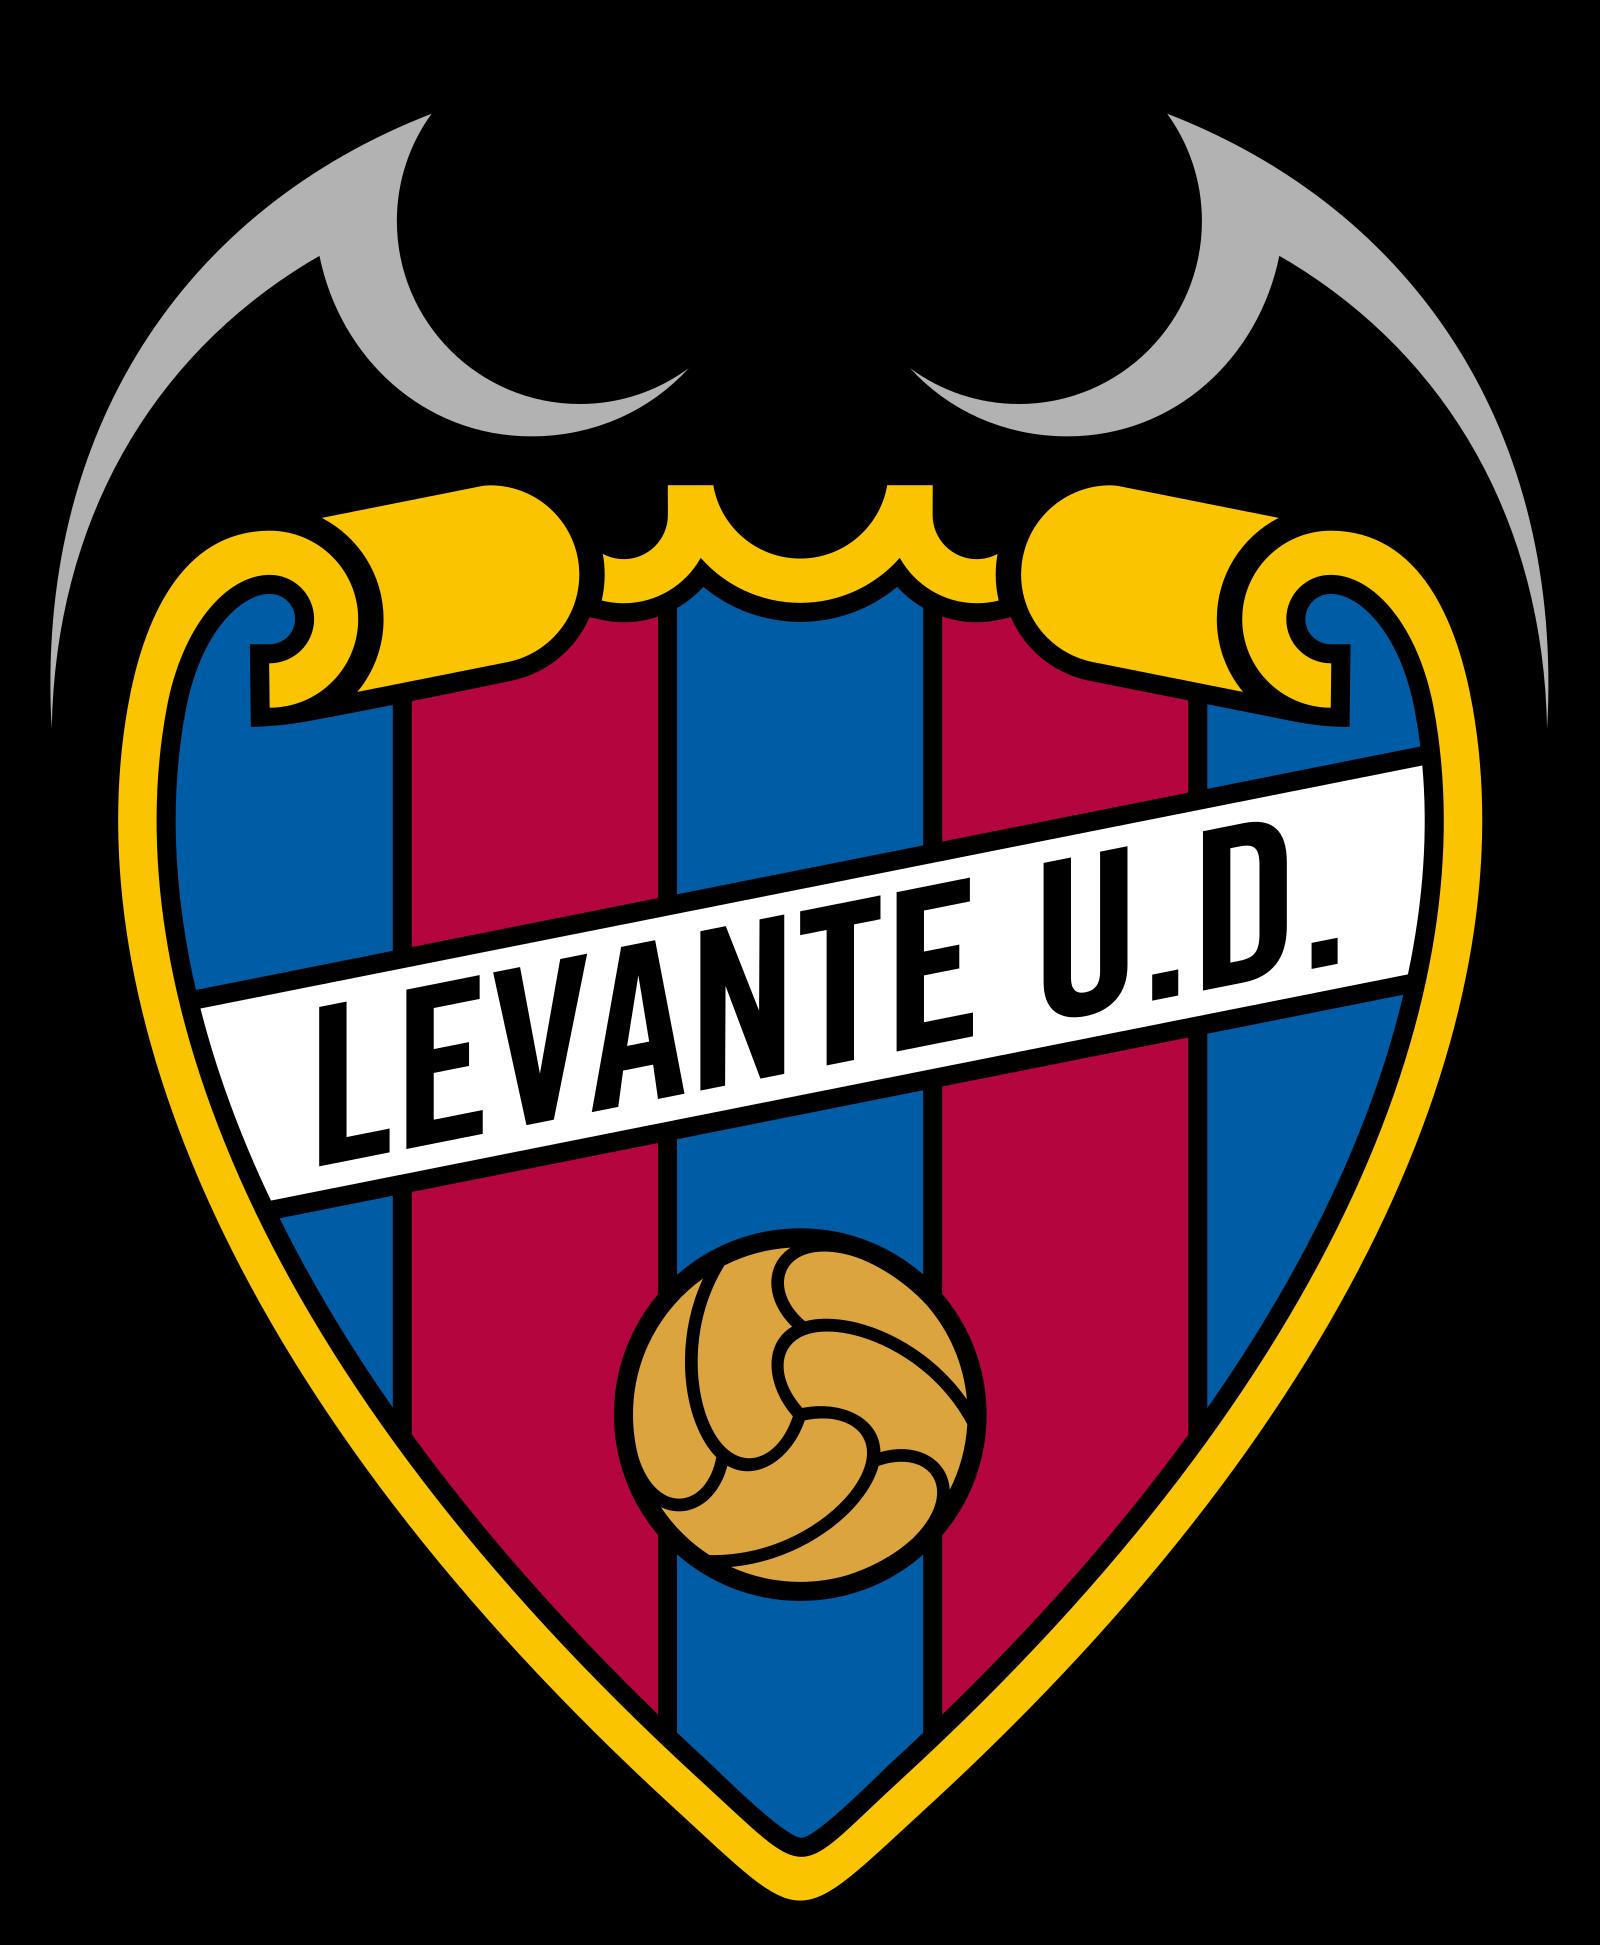 levante ud logo escudo 2 - Levante UD Logo - Levante Unión Deportiva Escudo